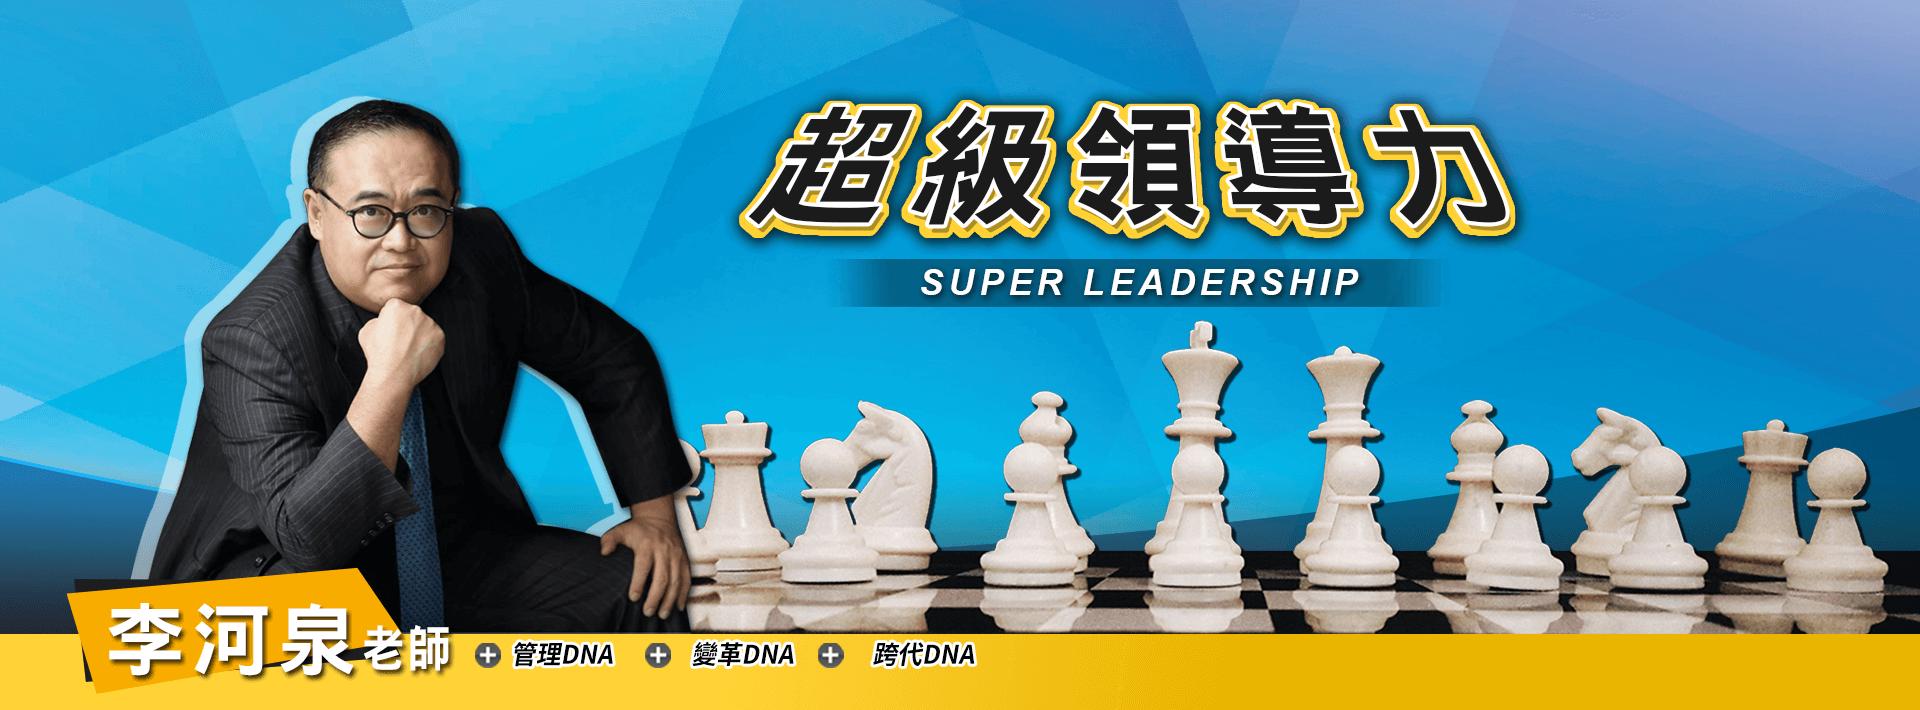 Silder-超級領導力